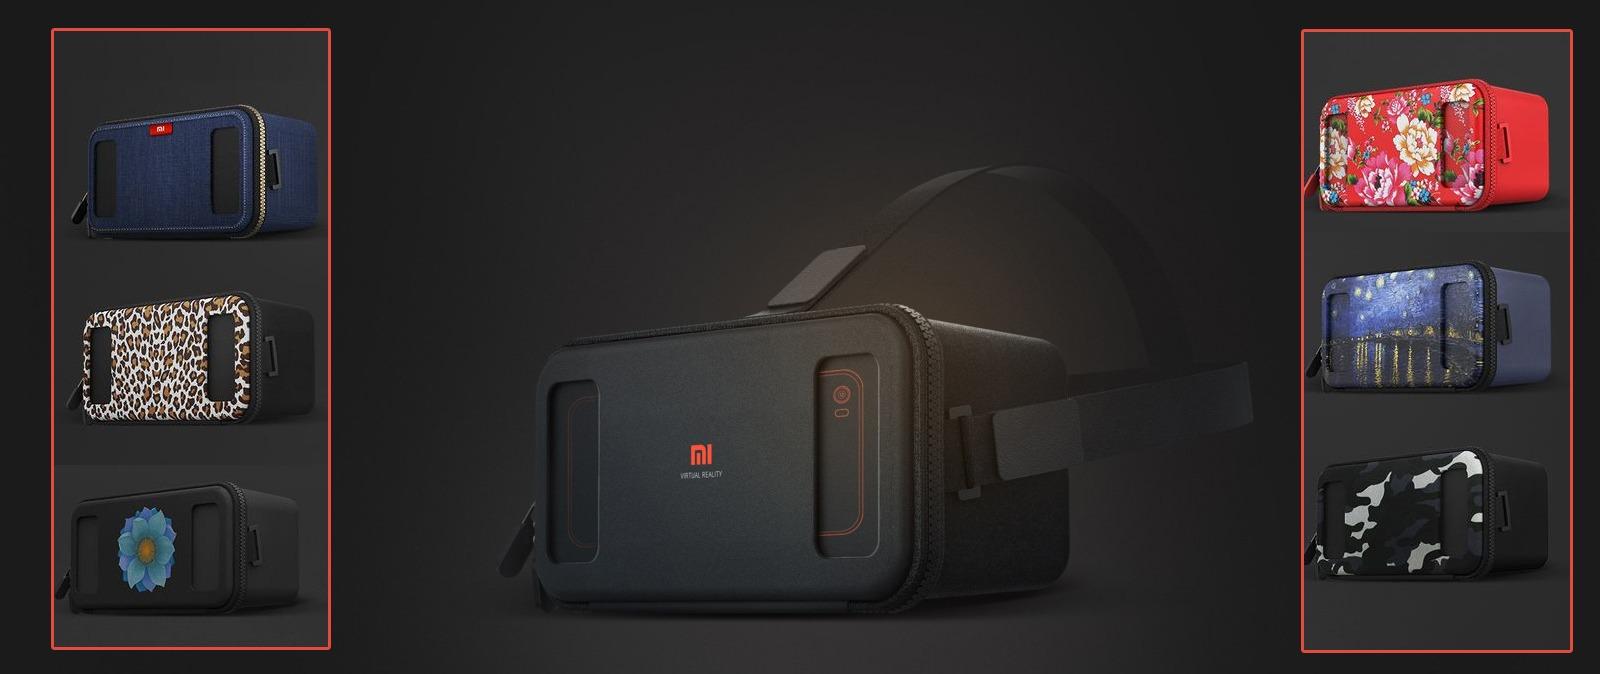 Mi VR, las gafas de realidad virtual de Xiaomi